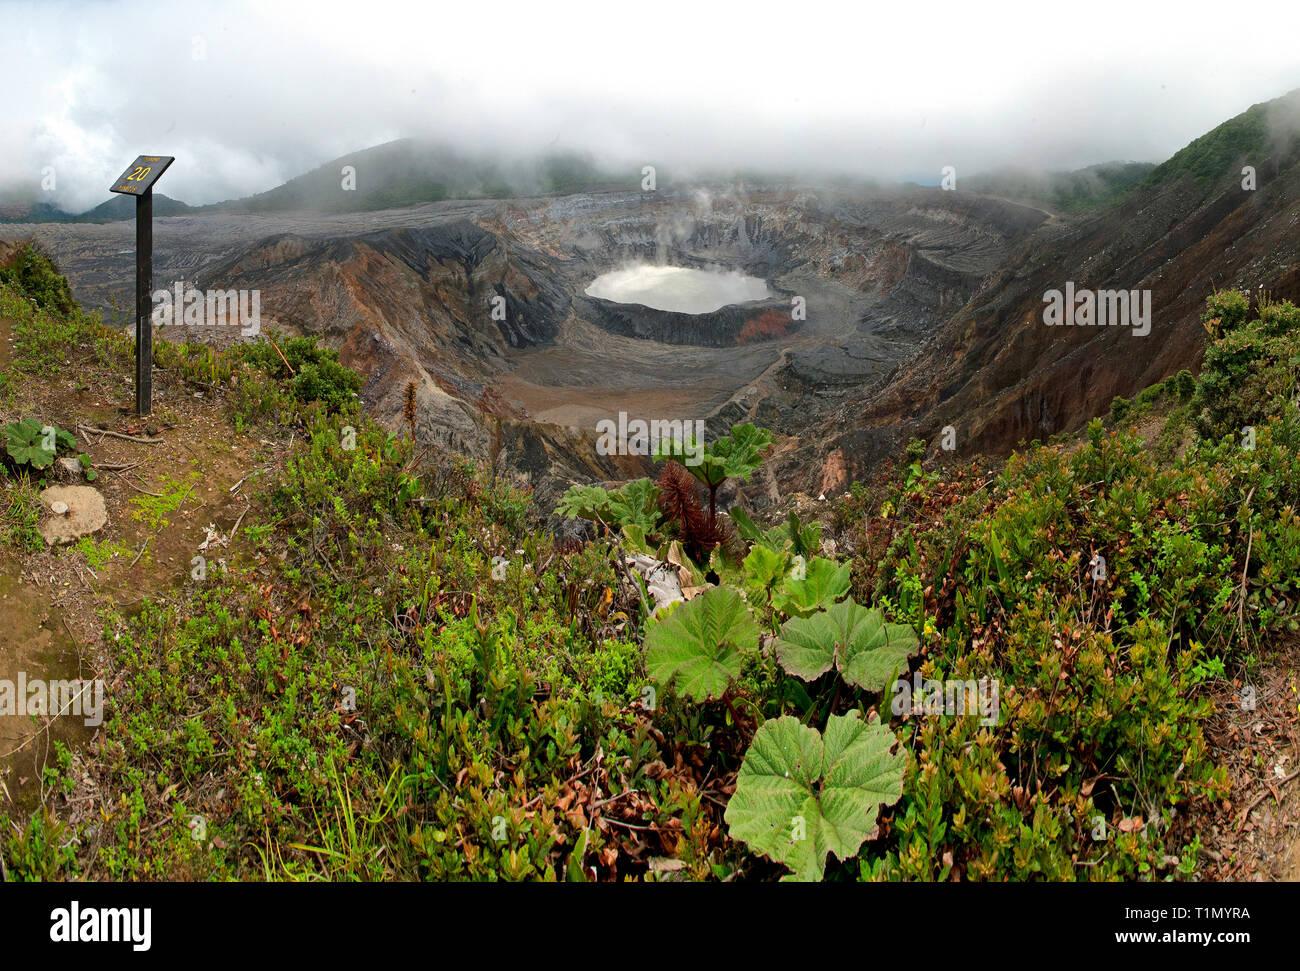 Crater and lake of Poas Volcano, Parque Nacional Volcán Poás, Costa Rica - Stock Image